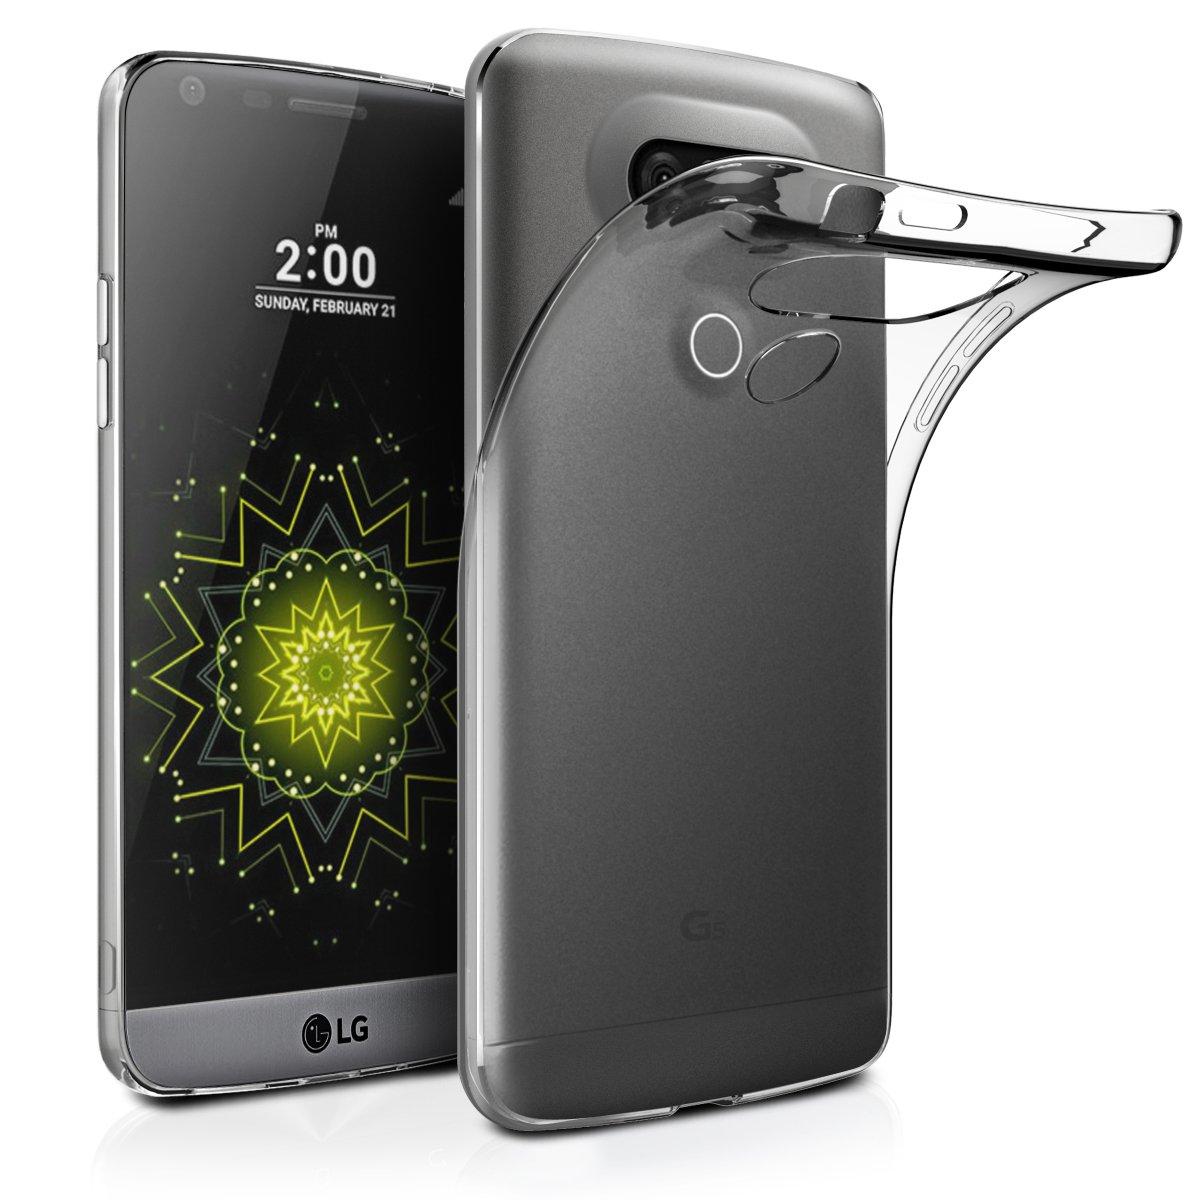 AICEK Funda LG G5, Protector LG G5 Funda Transparente Gel Silicona LG G5 Premium Carcasa para LG G5